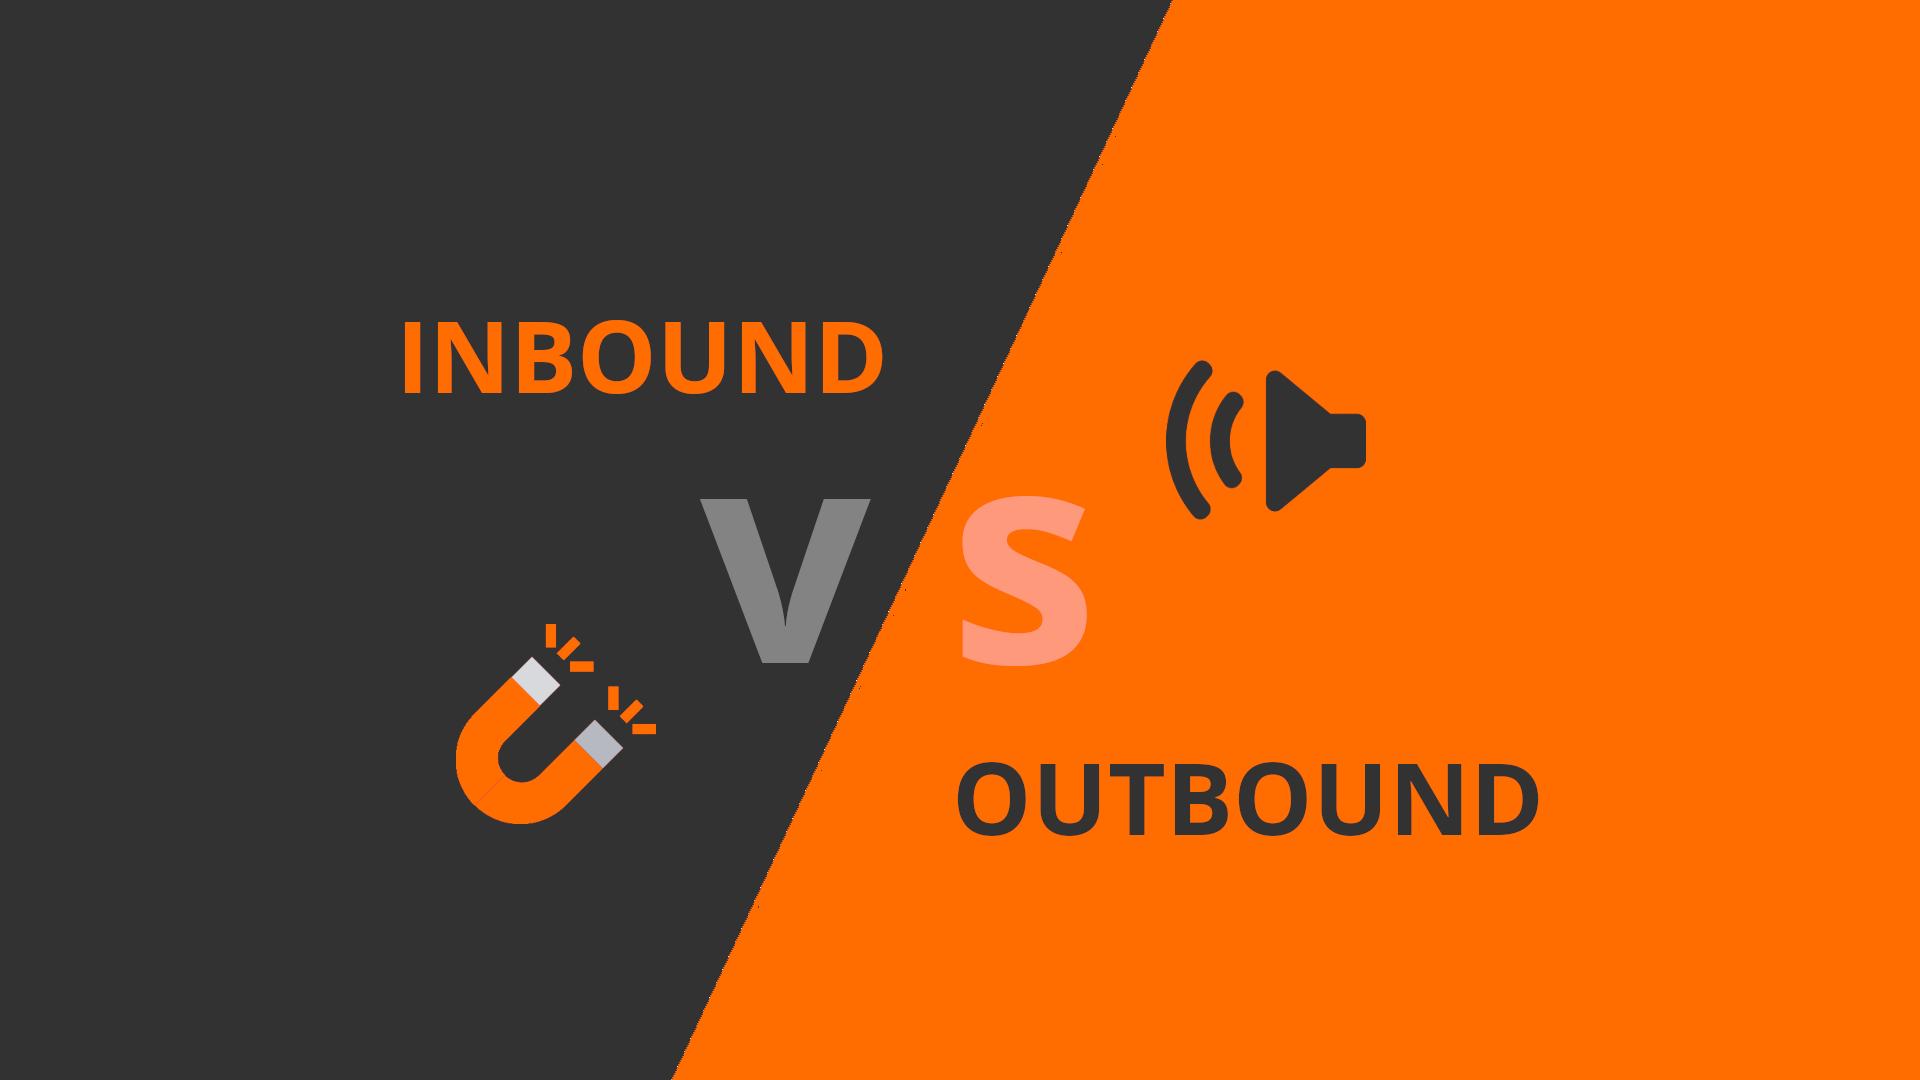 Inbound vs Outbound Marketing